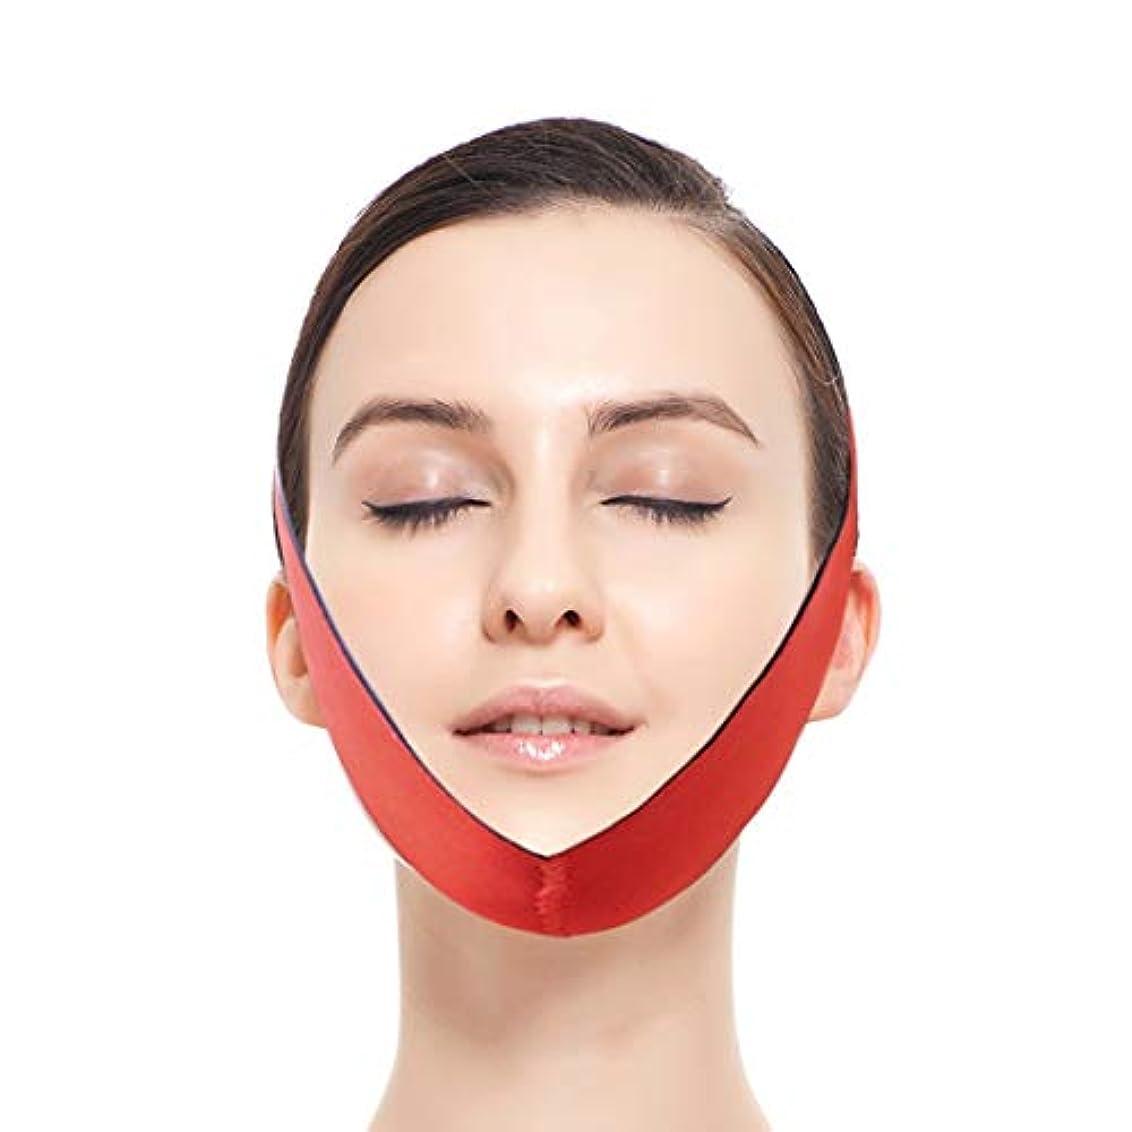 完全にメロディアス進むZWBD フェイスマスク, 顔を持ち上げる包帯V顔リフティング引き締めの美しさ薄い顔包帯眠っている男性と女性と顎セット持ち上げタイトな睡眠